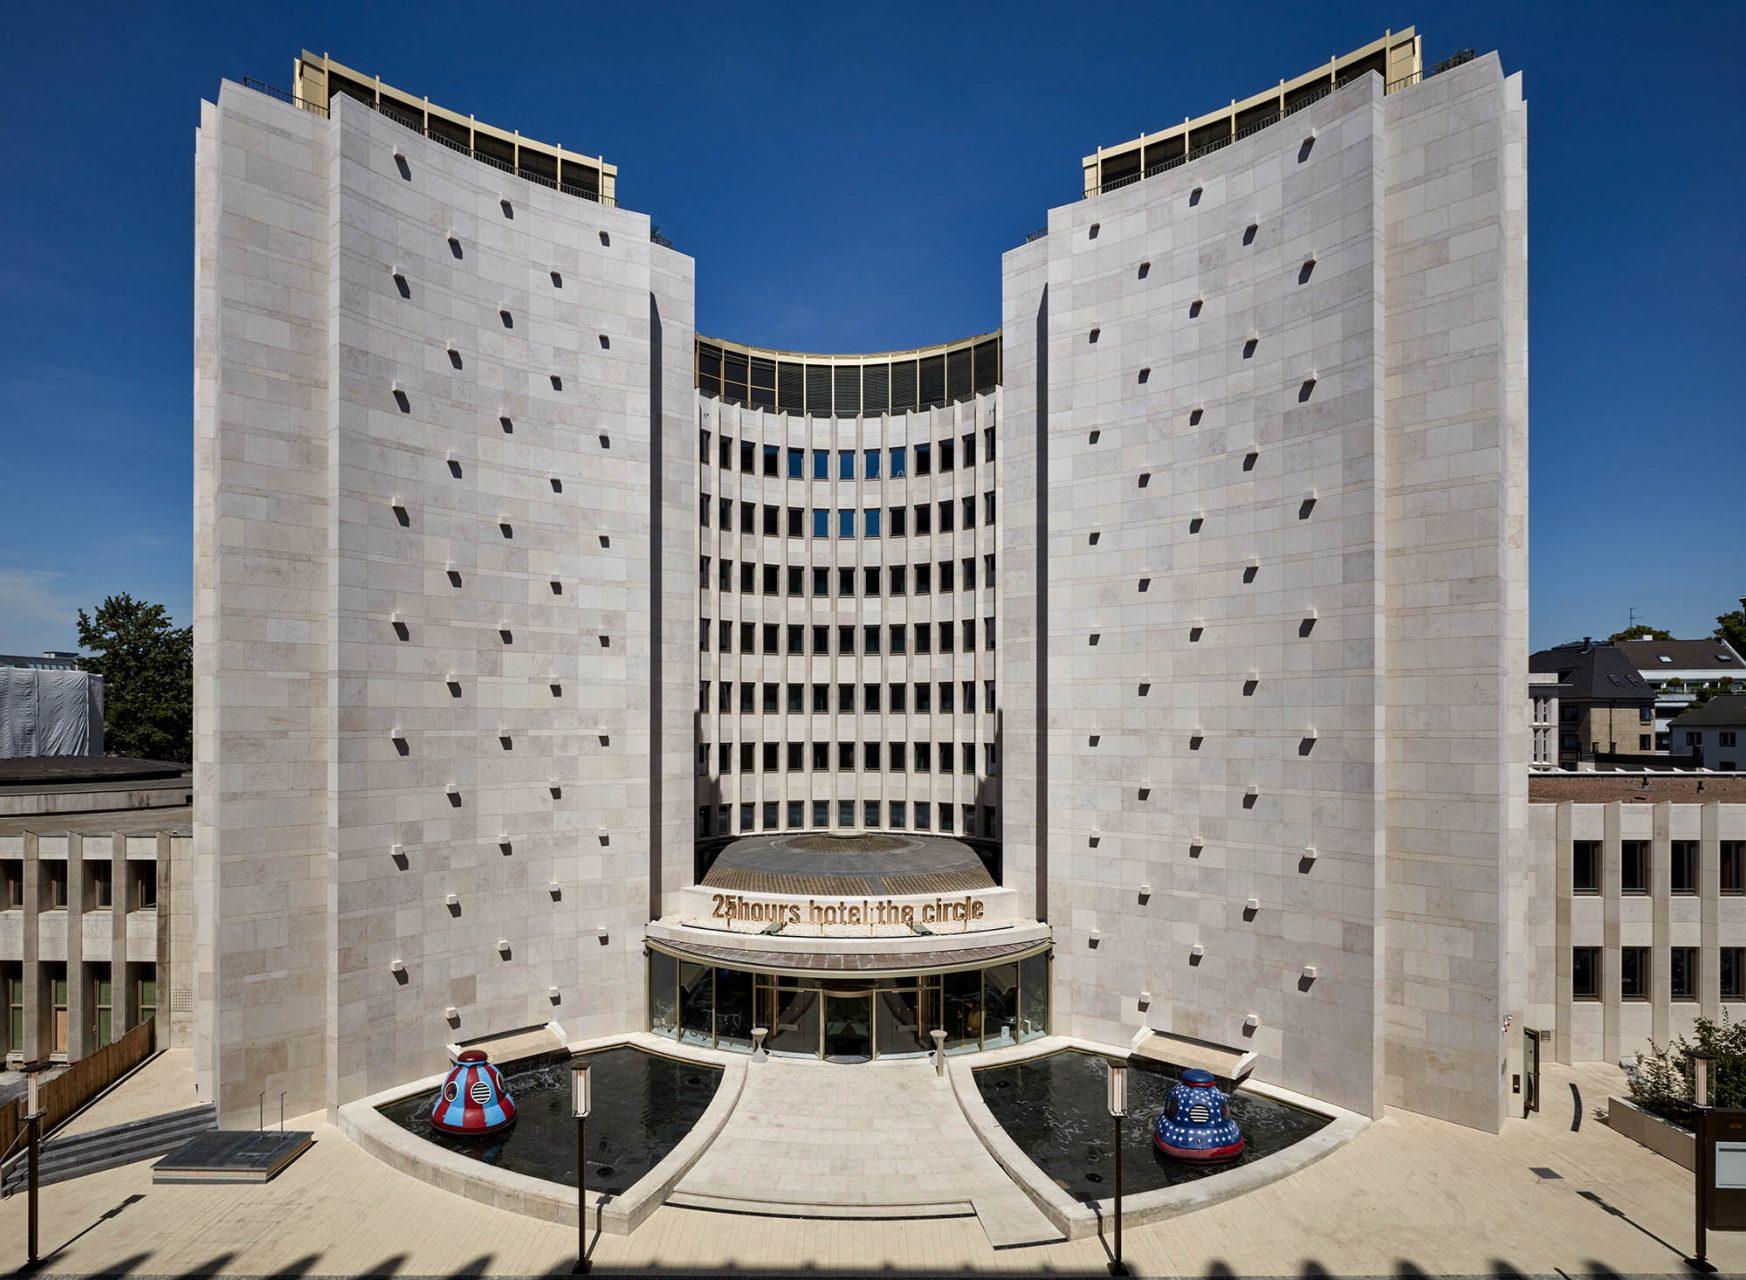 25hours Hotel The Circle. O&O Baukunst legten die Qualitäten des ursprünglich von Heinrich Sobotka und Gustav Müller entworfenen Gebäudes Schicht für Schicht frei ...